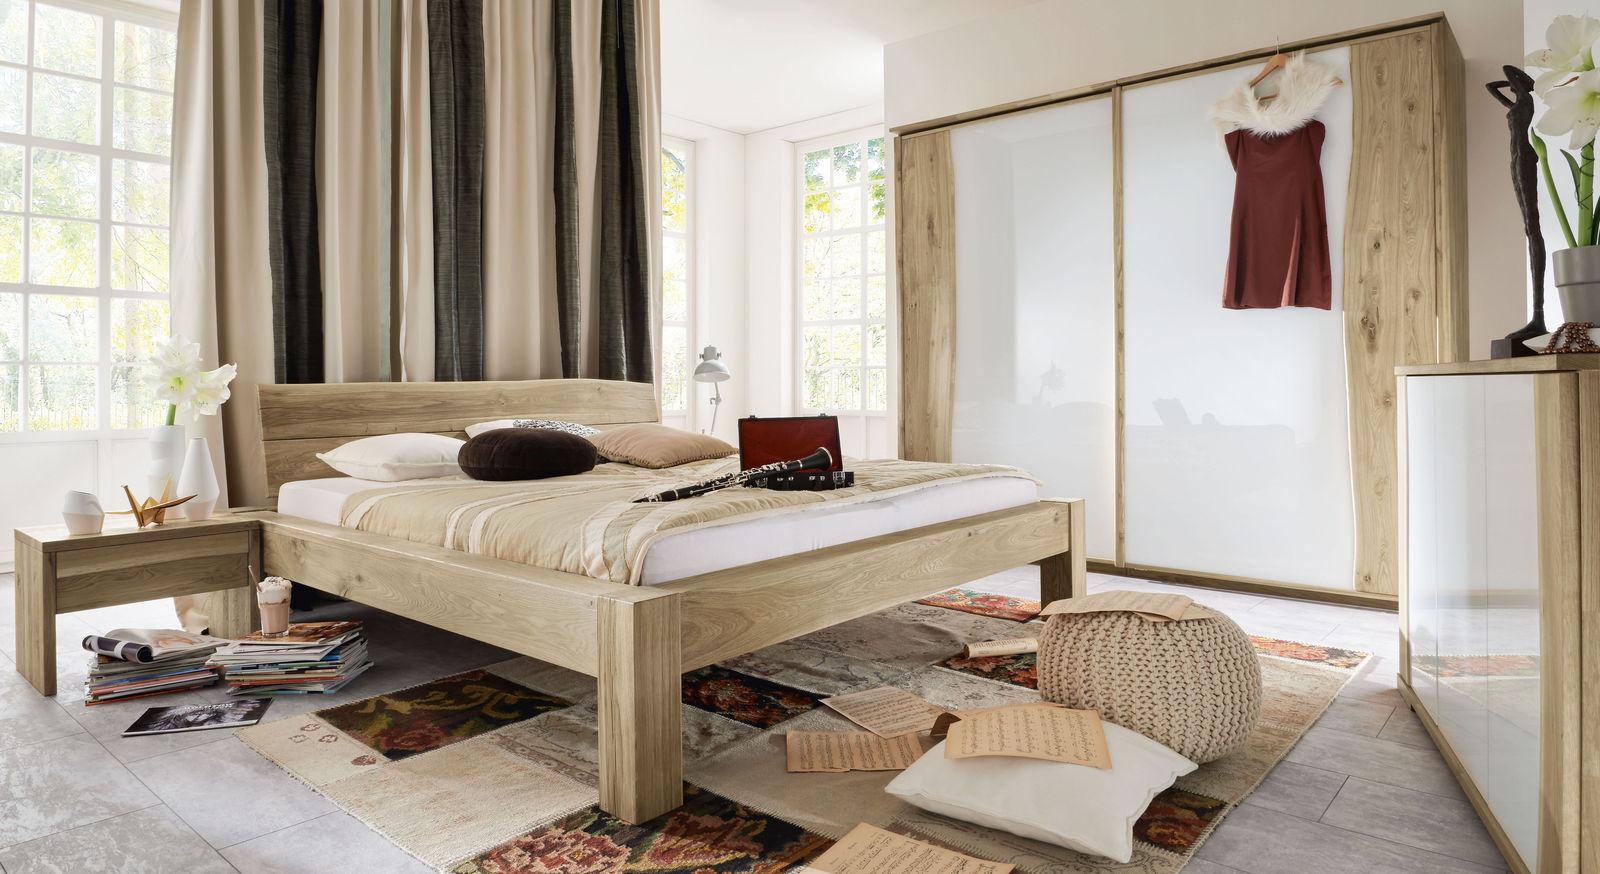 Reihe Imst aus Wildeiche mit passenden Möbeln